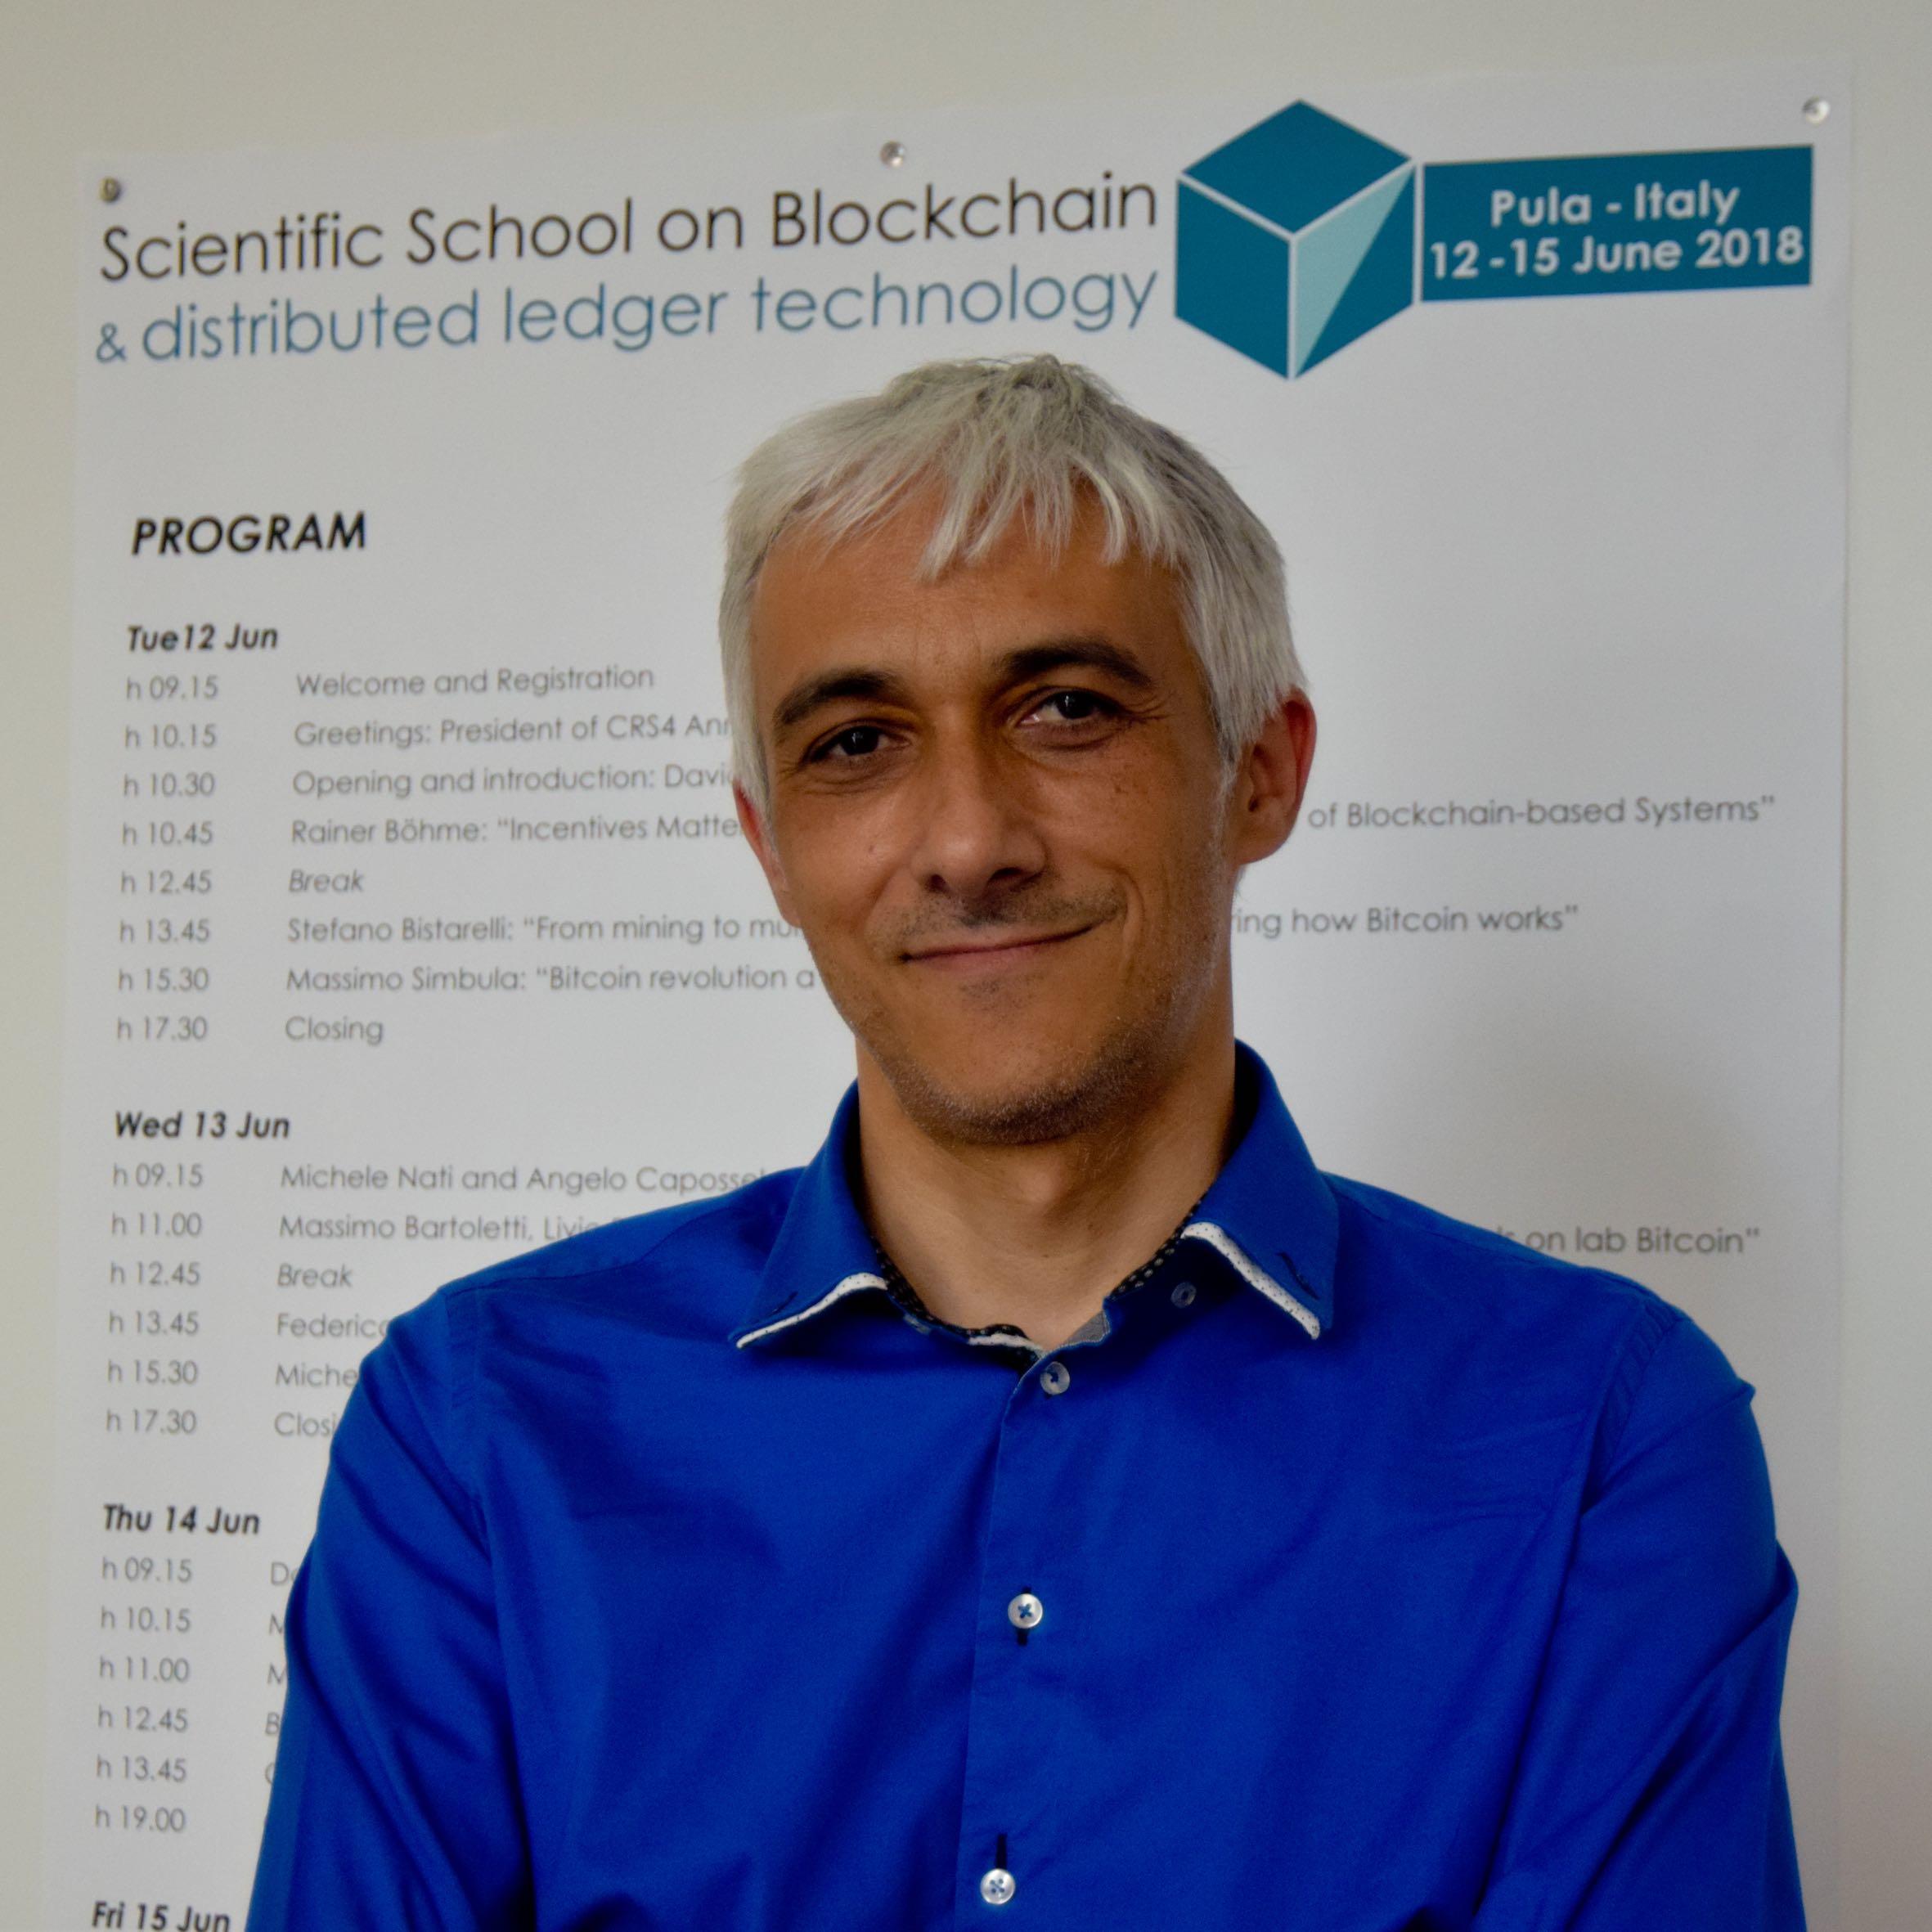 Davide Carboni organizzatore della scientific school on blockchain technologies